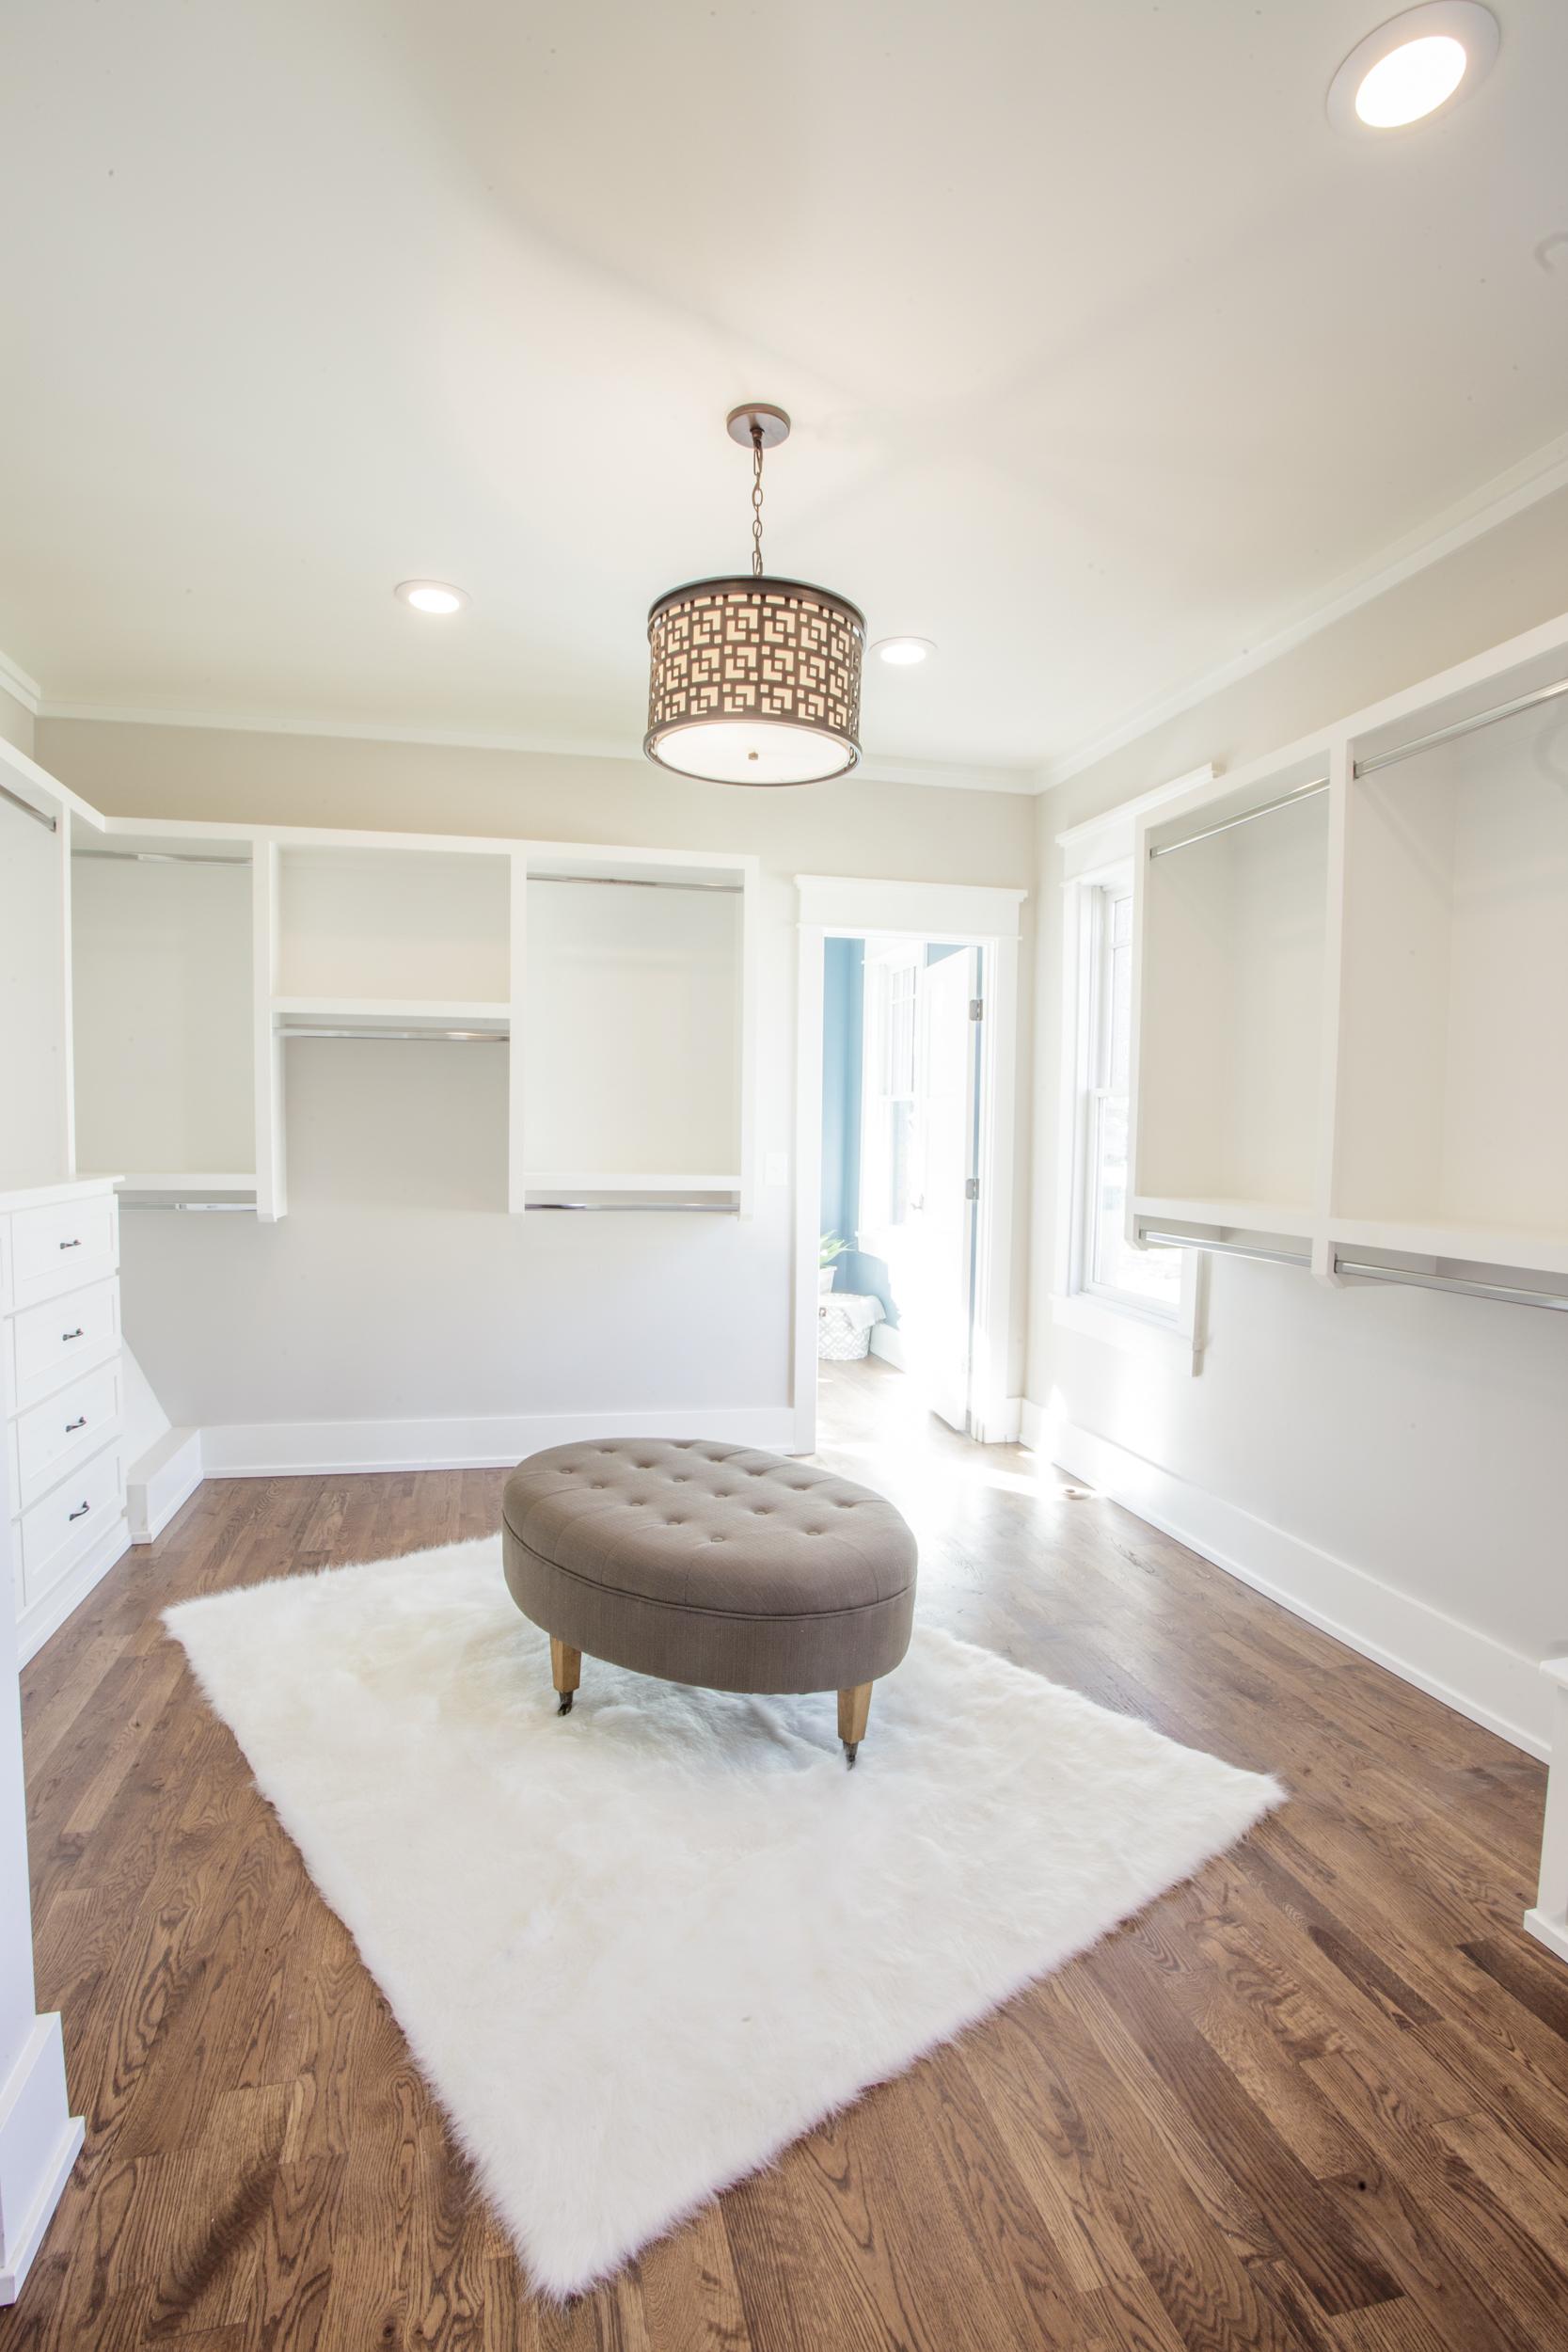 britt-development-group-nashville-tennessee-custom-home-builder-historic-renovation-0623.jpg